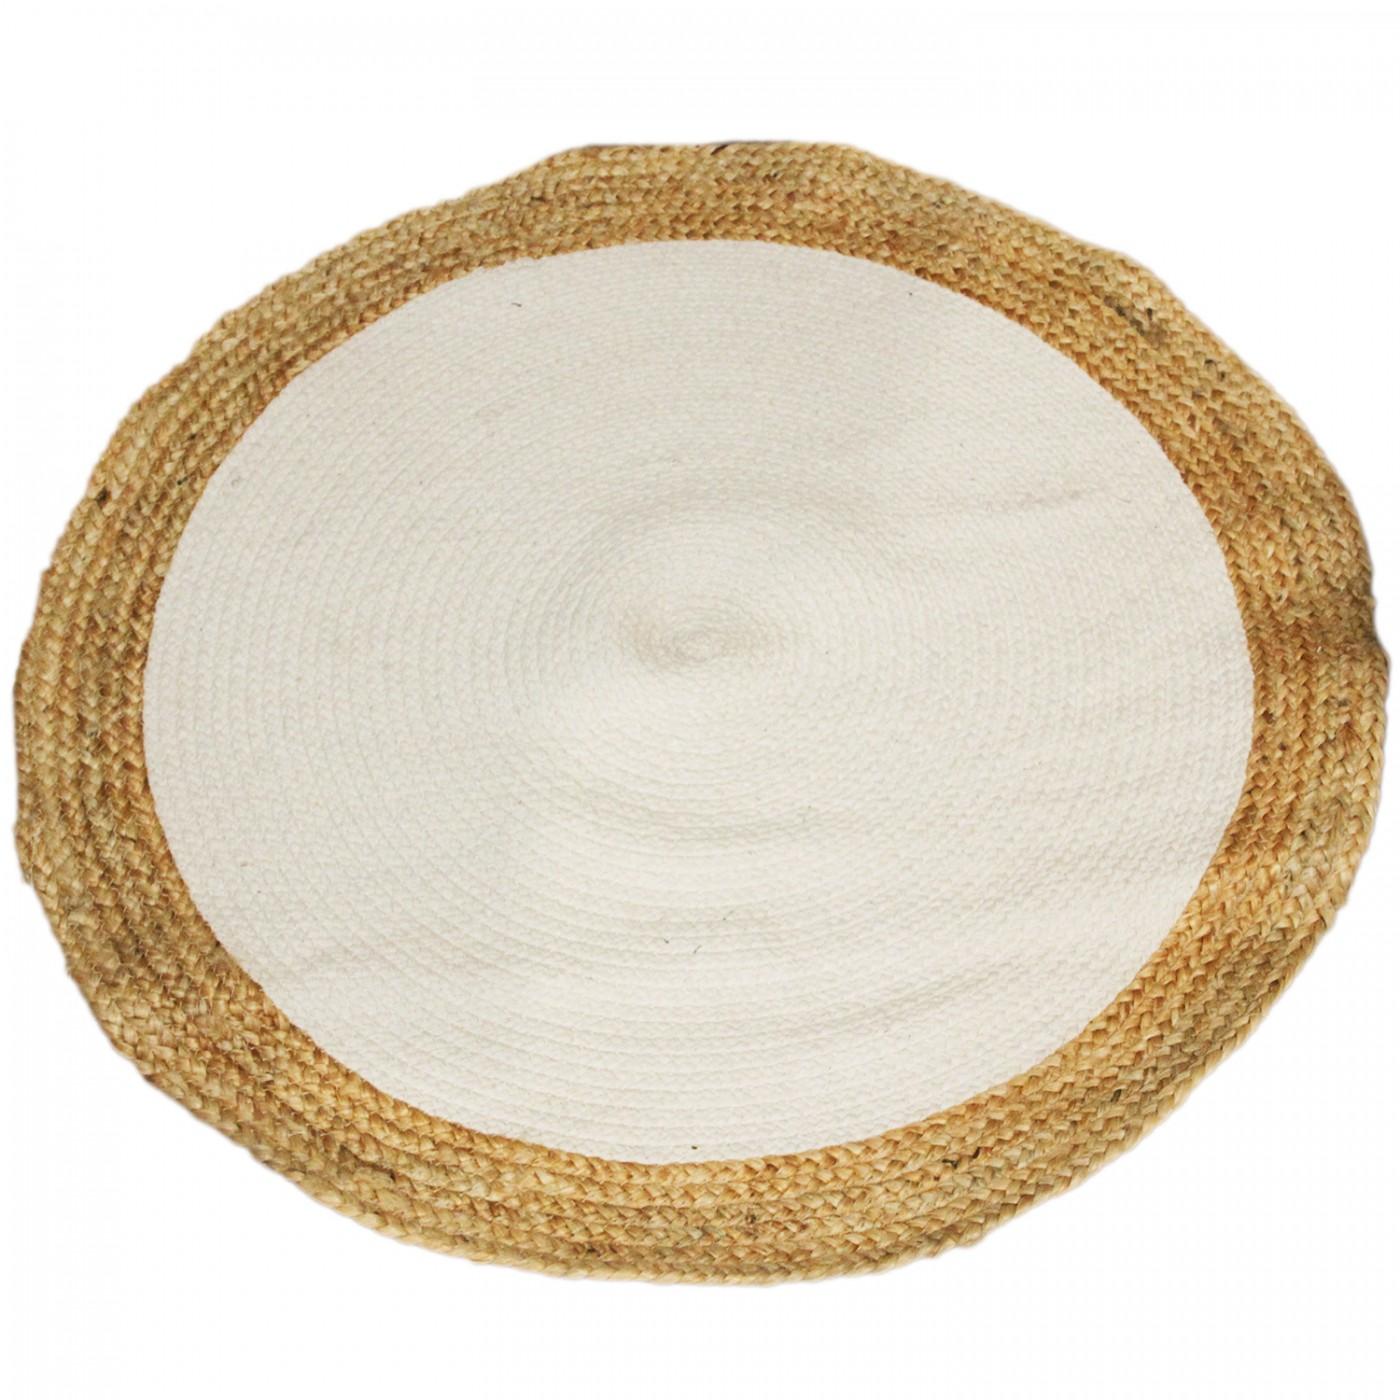 Dywan z juty jutowy pleciony okrągły mały biały